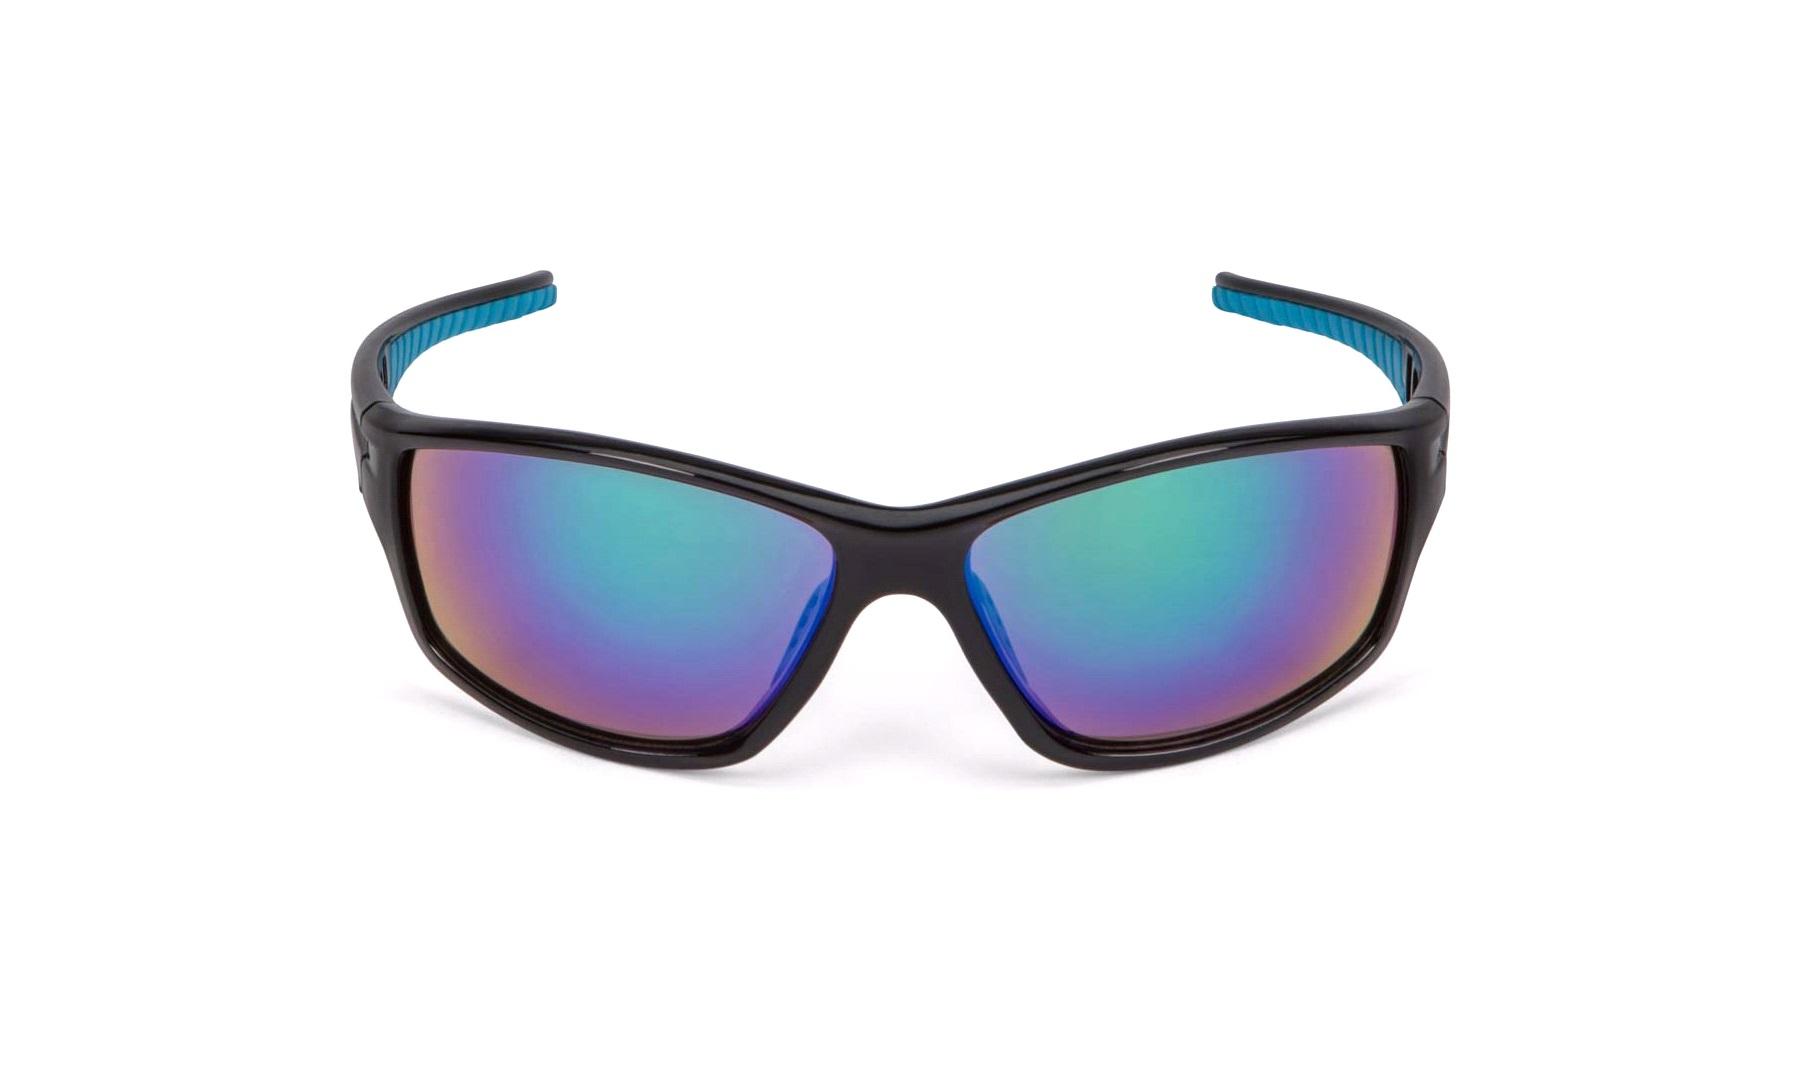 Solbriller sort sølvgrå glass grønn rev Briller thansen.no